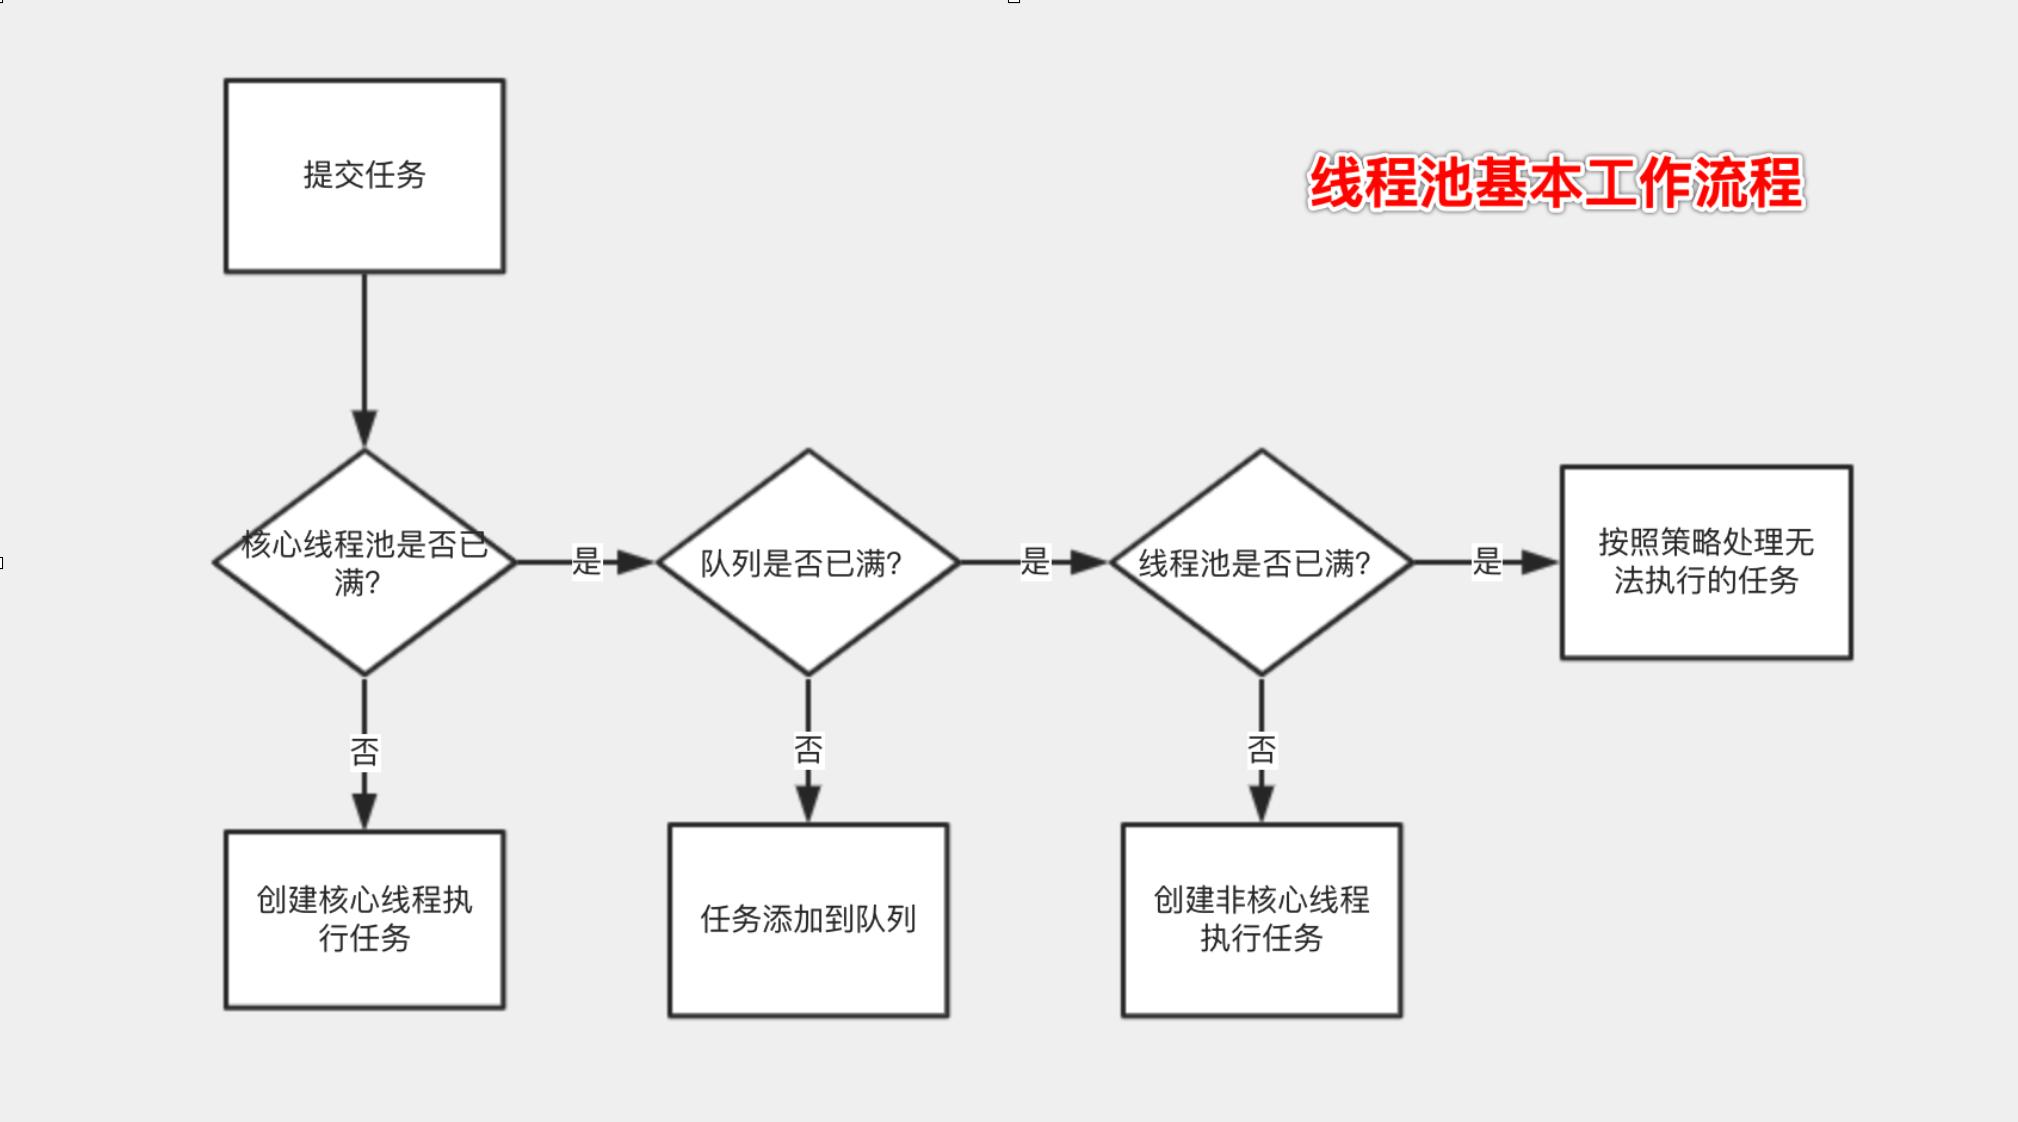 线程池基本工作流程